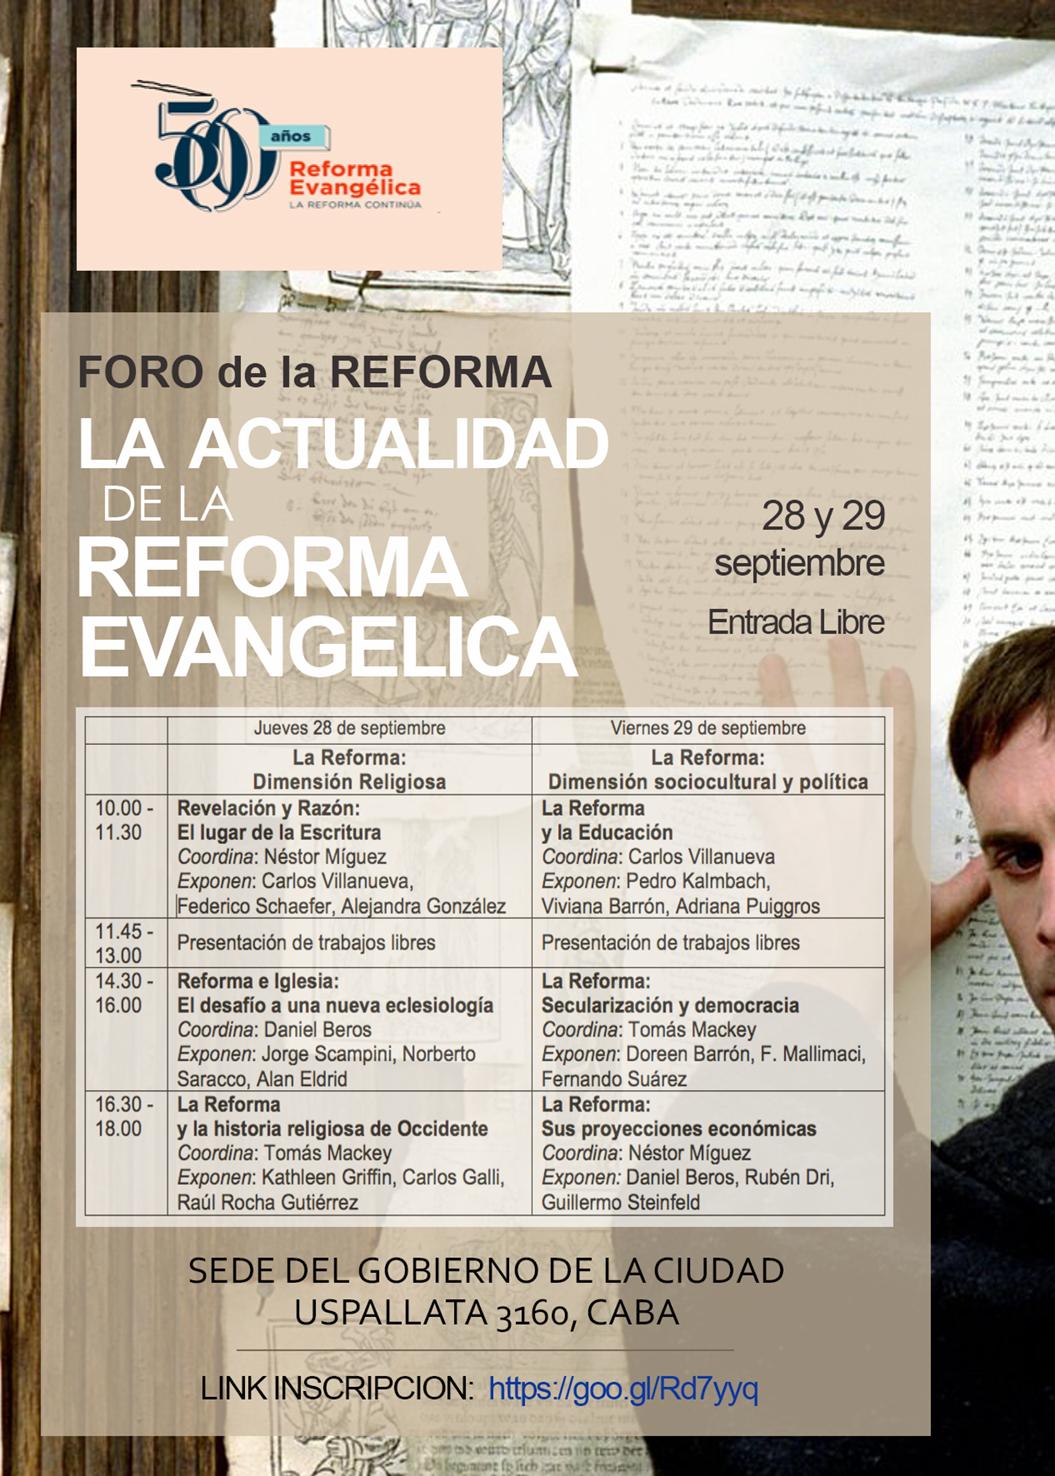 Foro de la Reforma